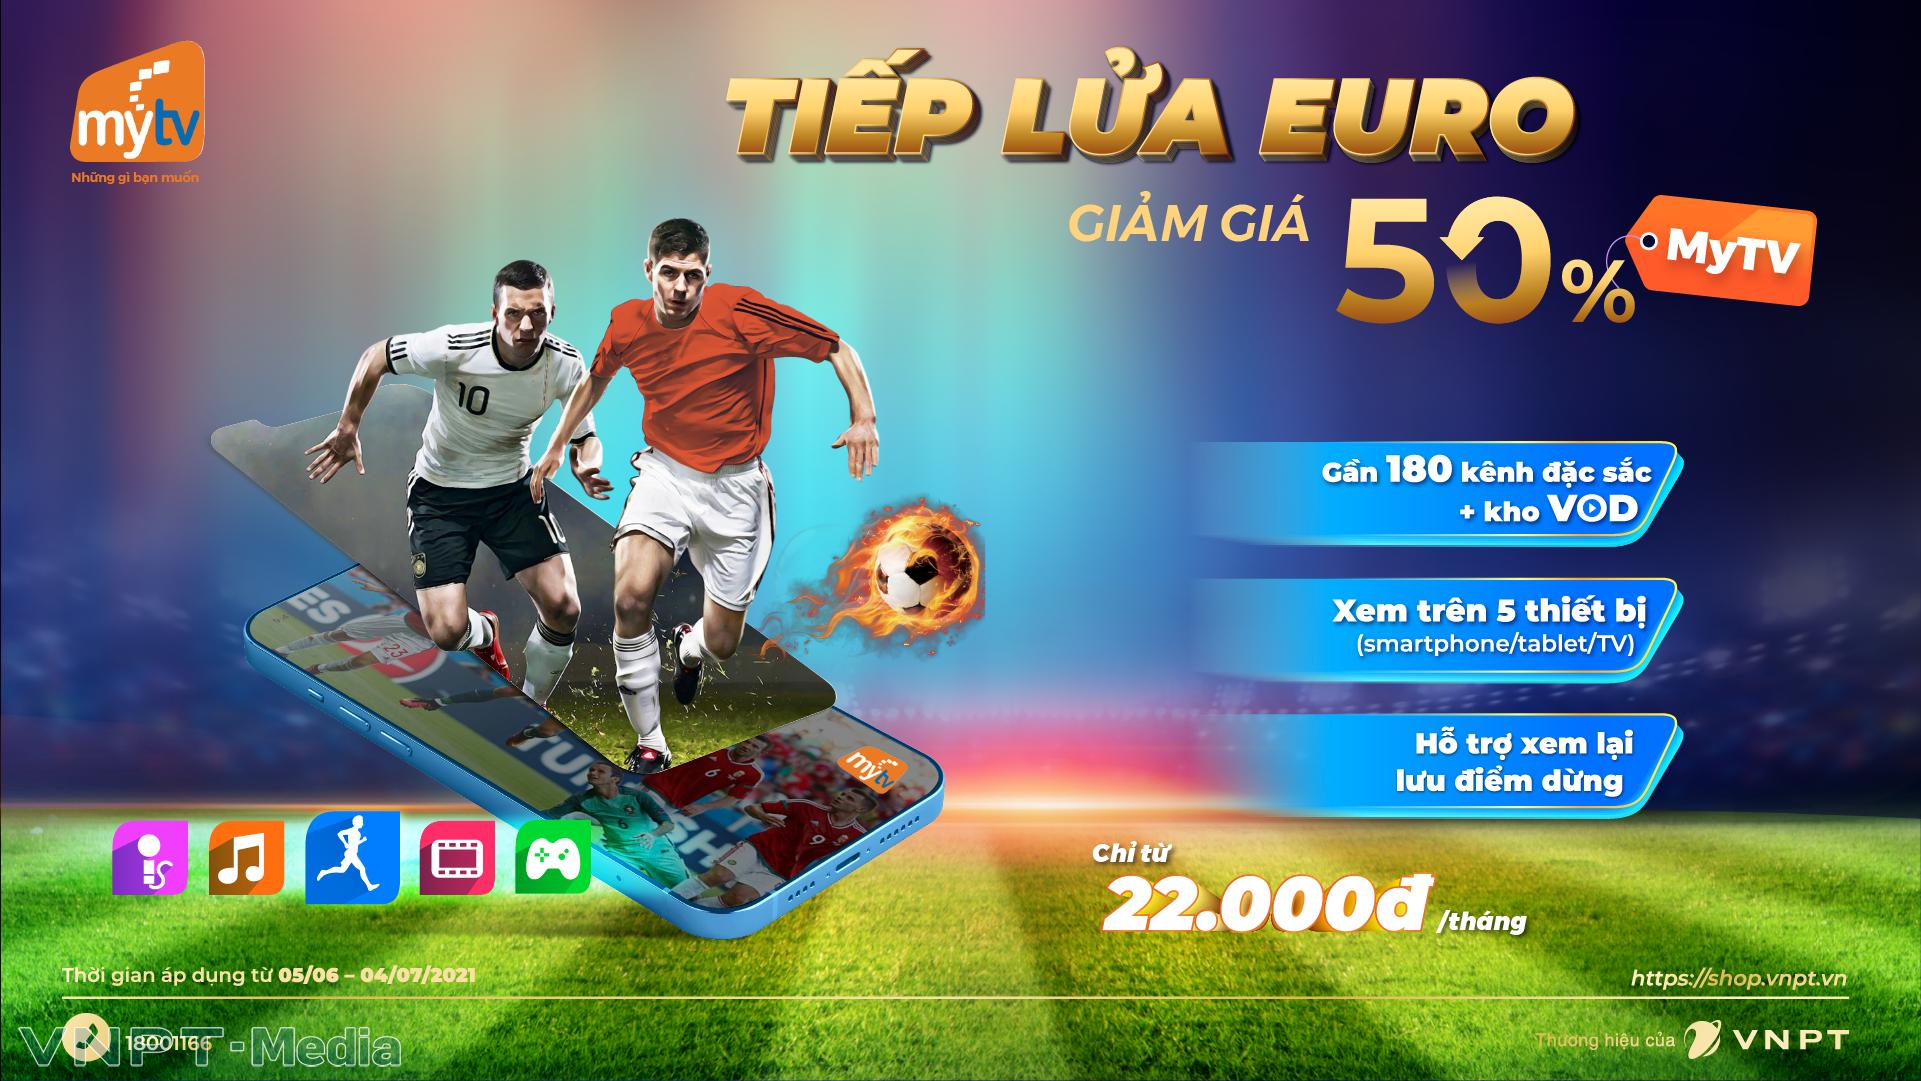 """Tâm điểm thể thao hè 2021 - Cùng truyền hìnhMyTV """"lăn"""" theo trái bóng """"Uniforia"""" của UEFA Euro 2020"""